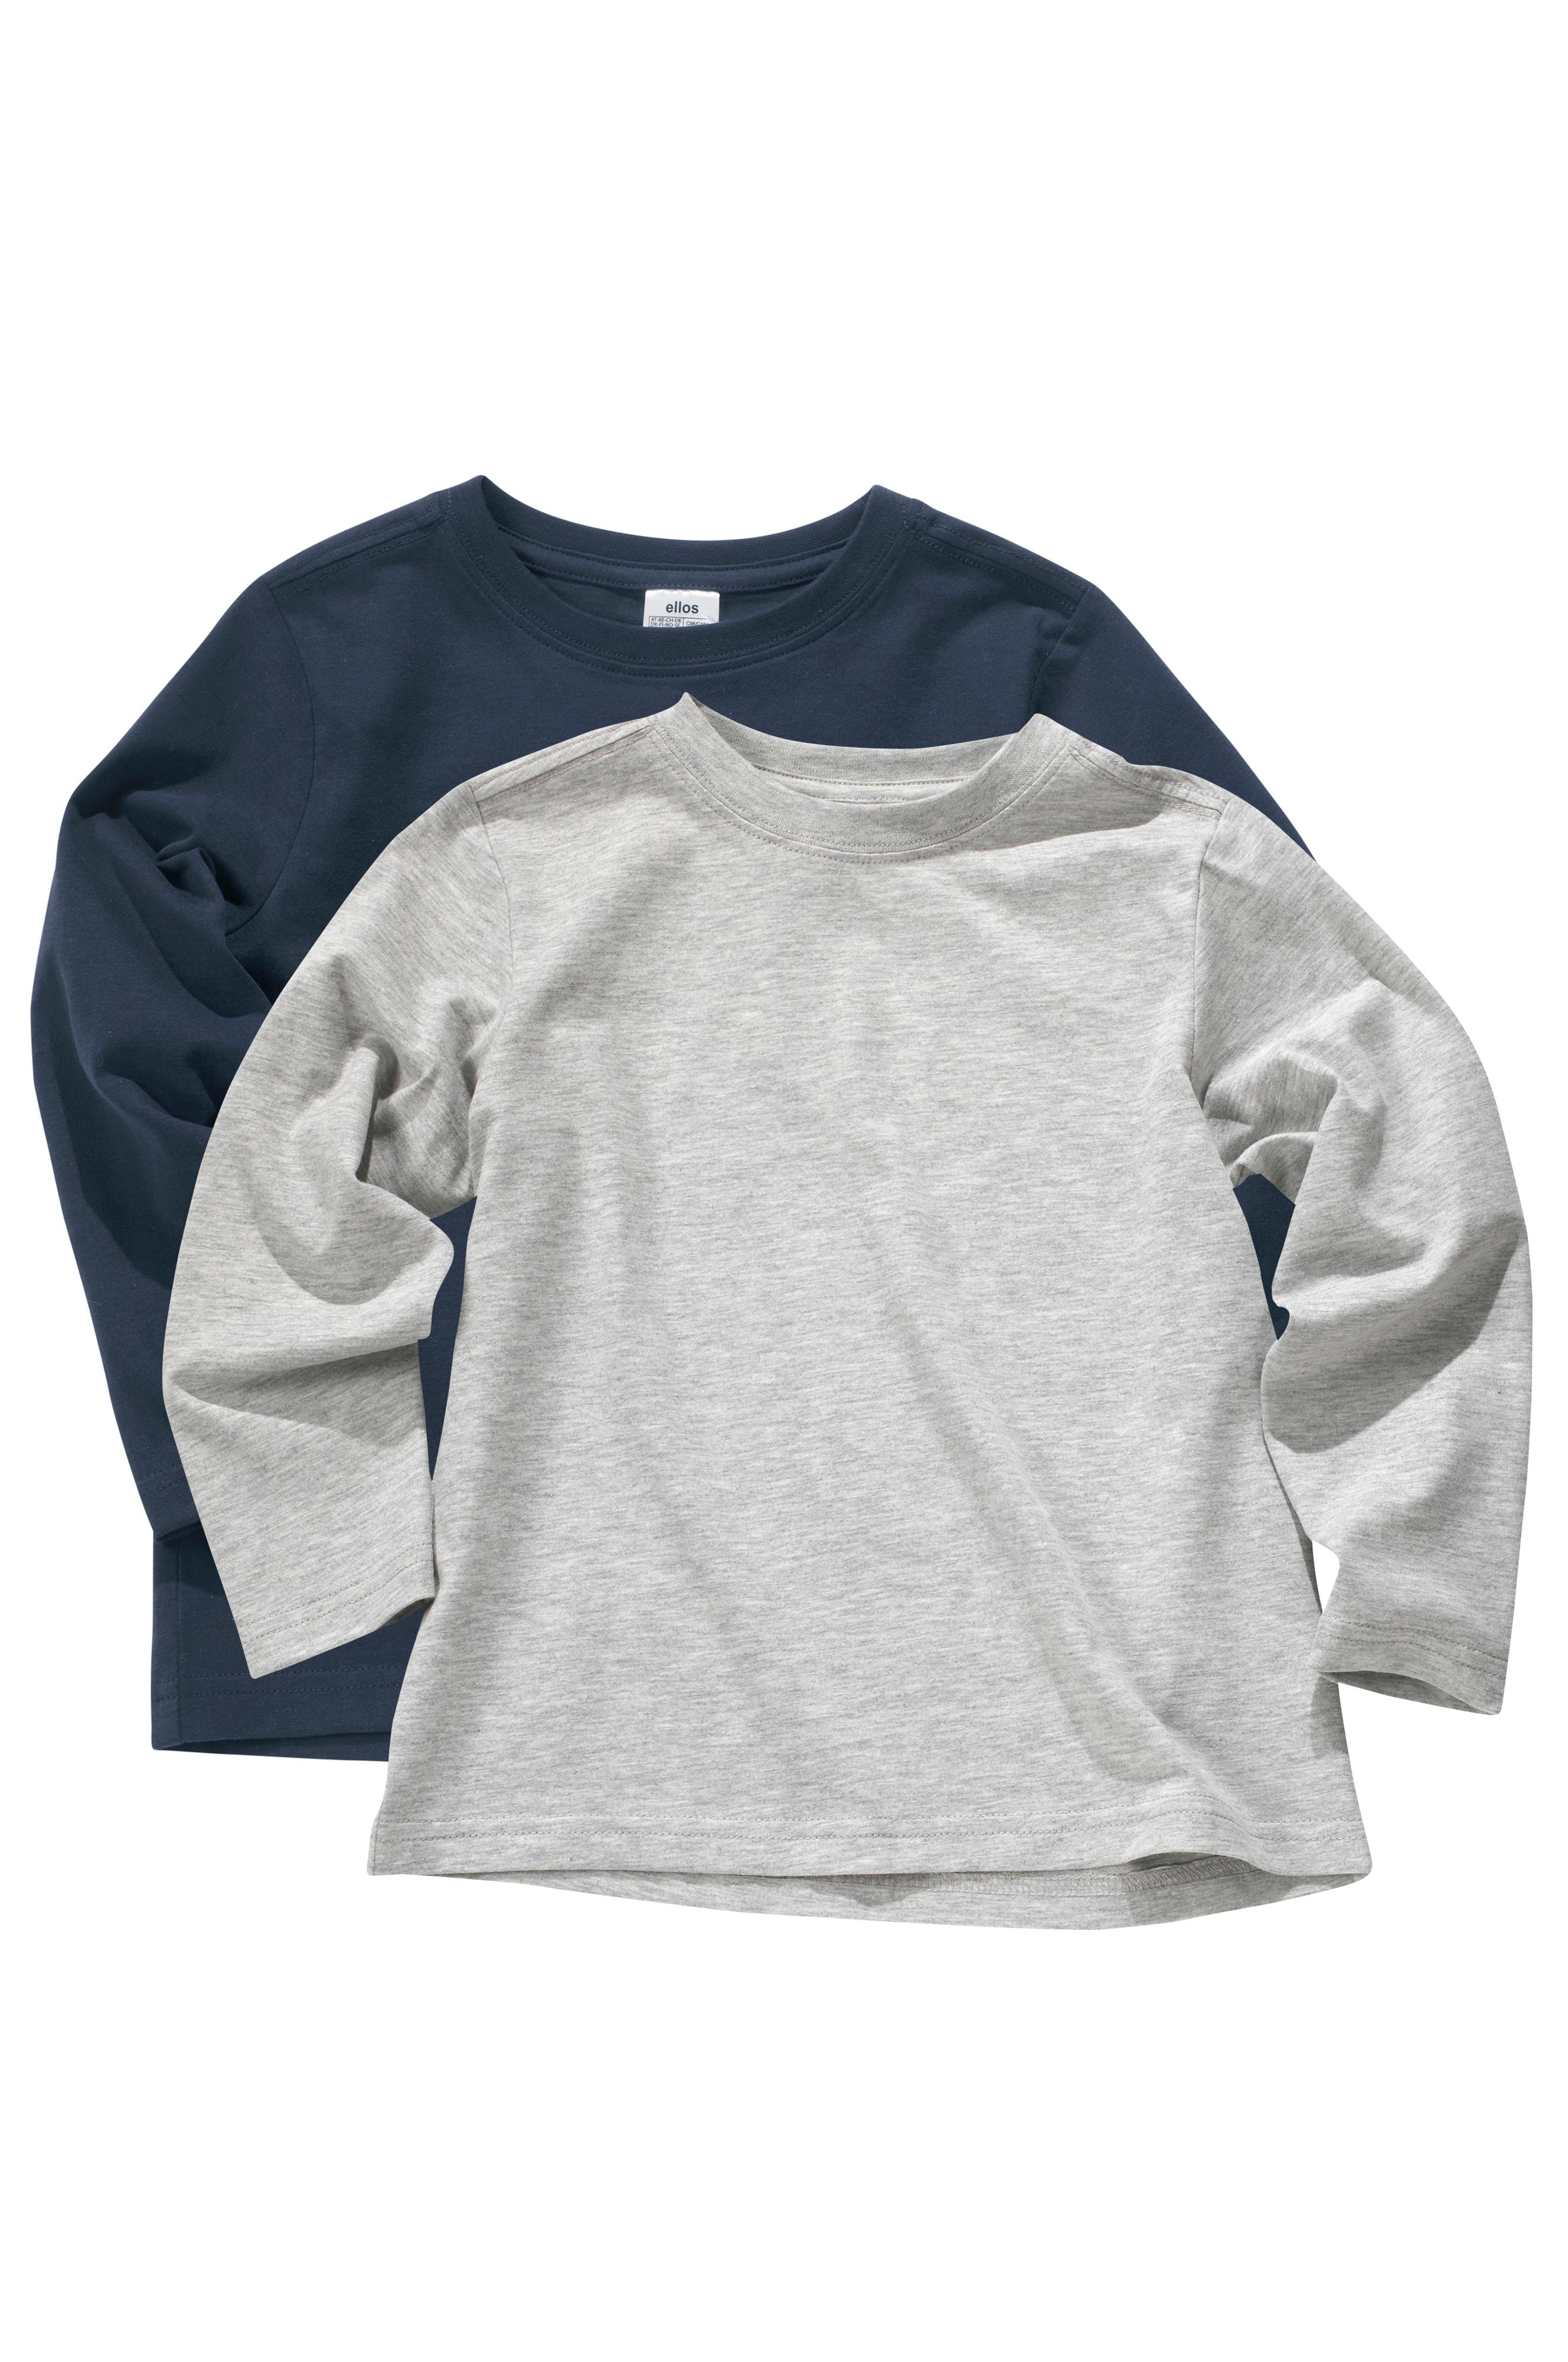 Ellos Kids Långärmad t-shirt i ekologisk bomull 2-pack - Grå - Barn -  Ellos.se e0a830b8d7212